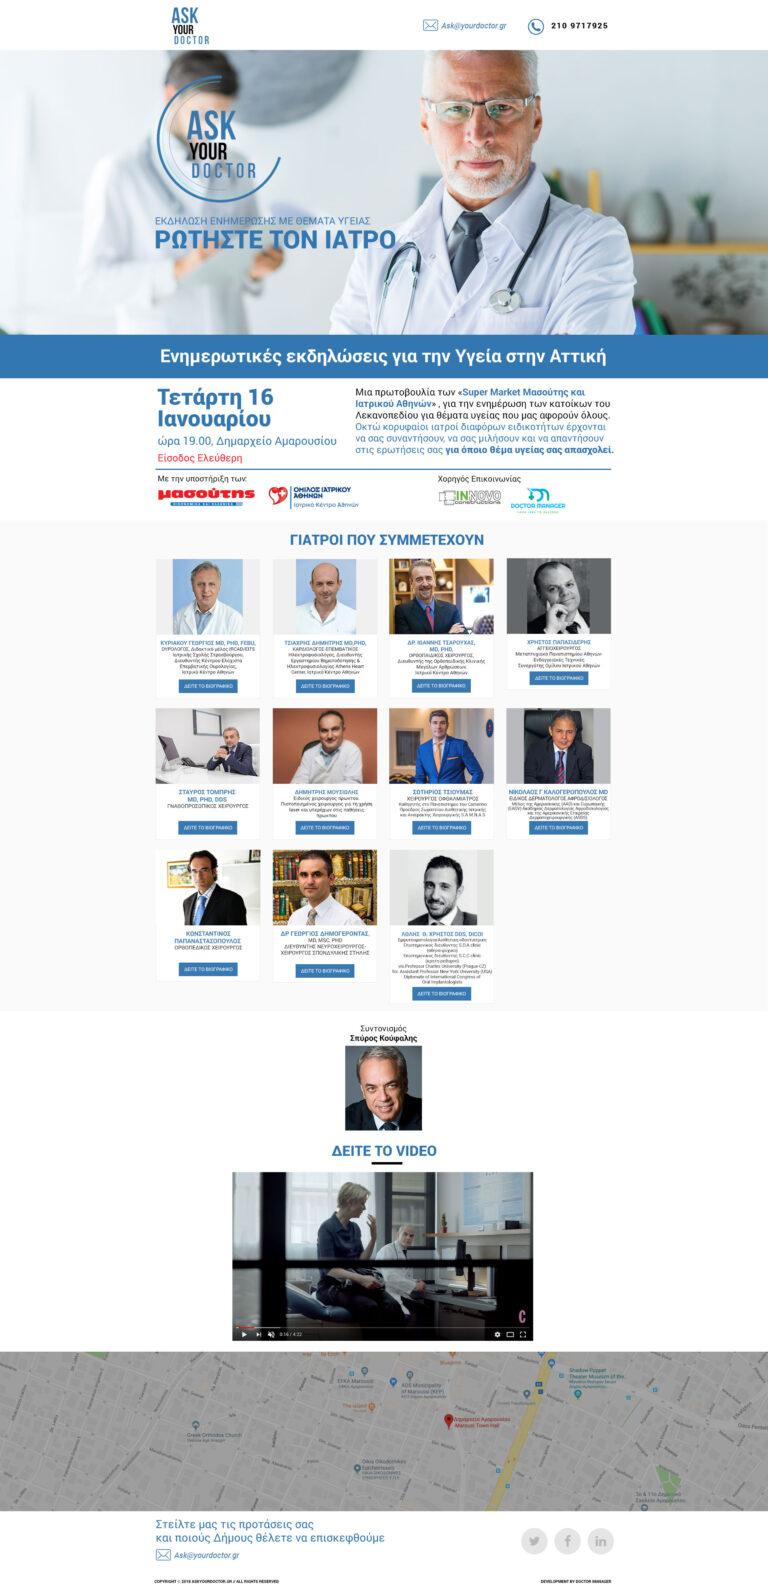 Κατασκευή ιστοσελίδας ιατρικής ενημέρωσης